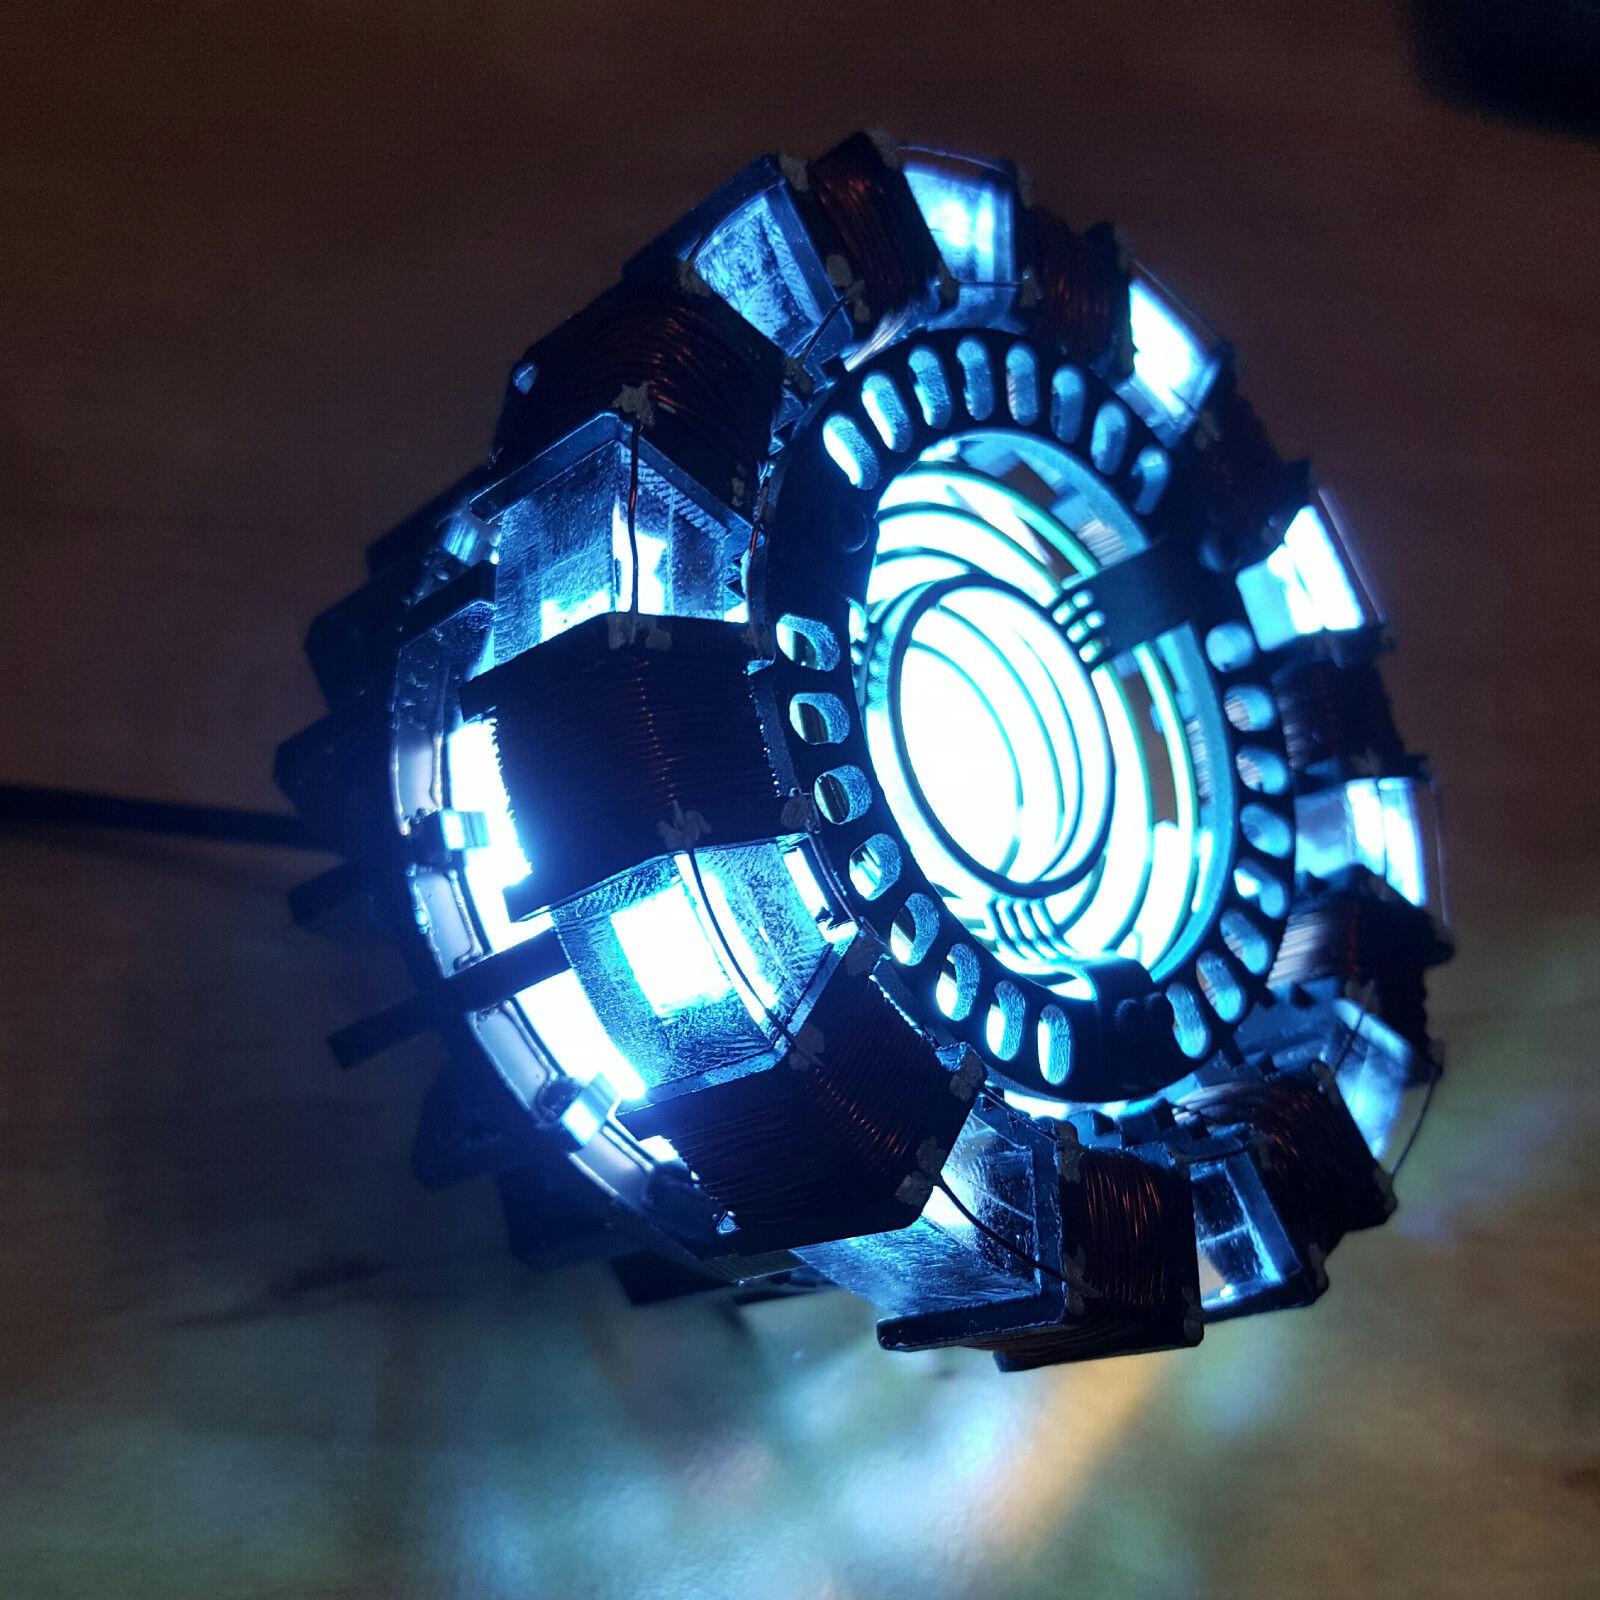 Marvel -  the avengers  iron man tony diy - reaktor - lampe kit oder builted sammler